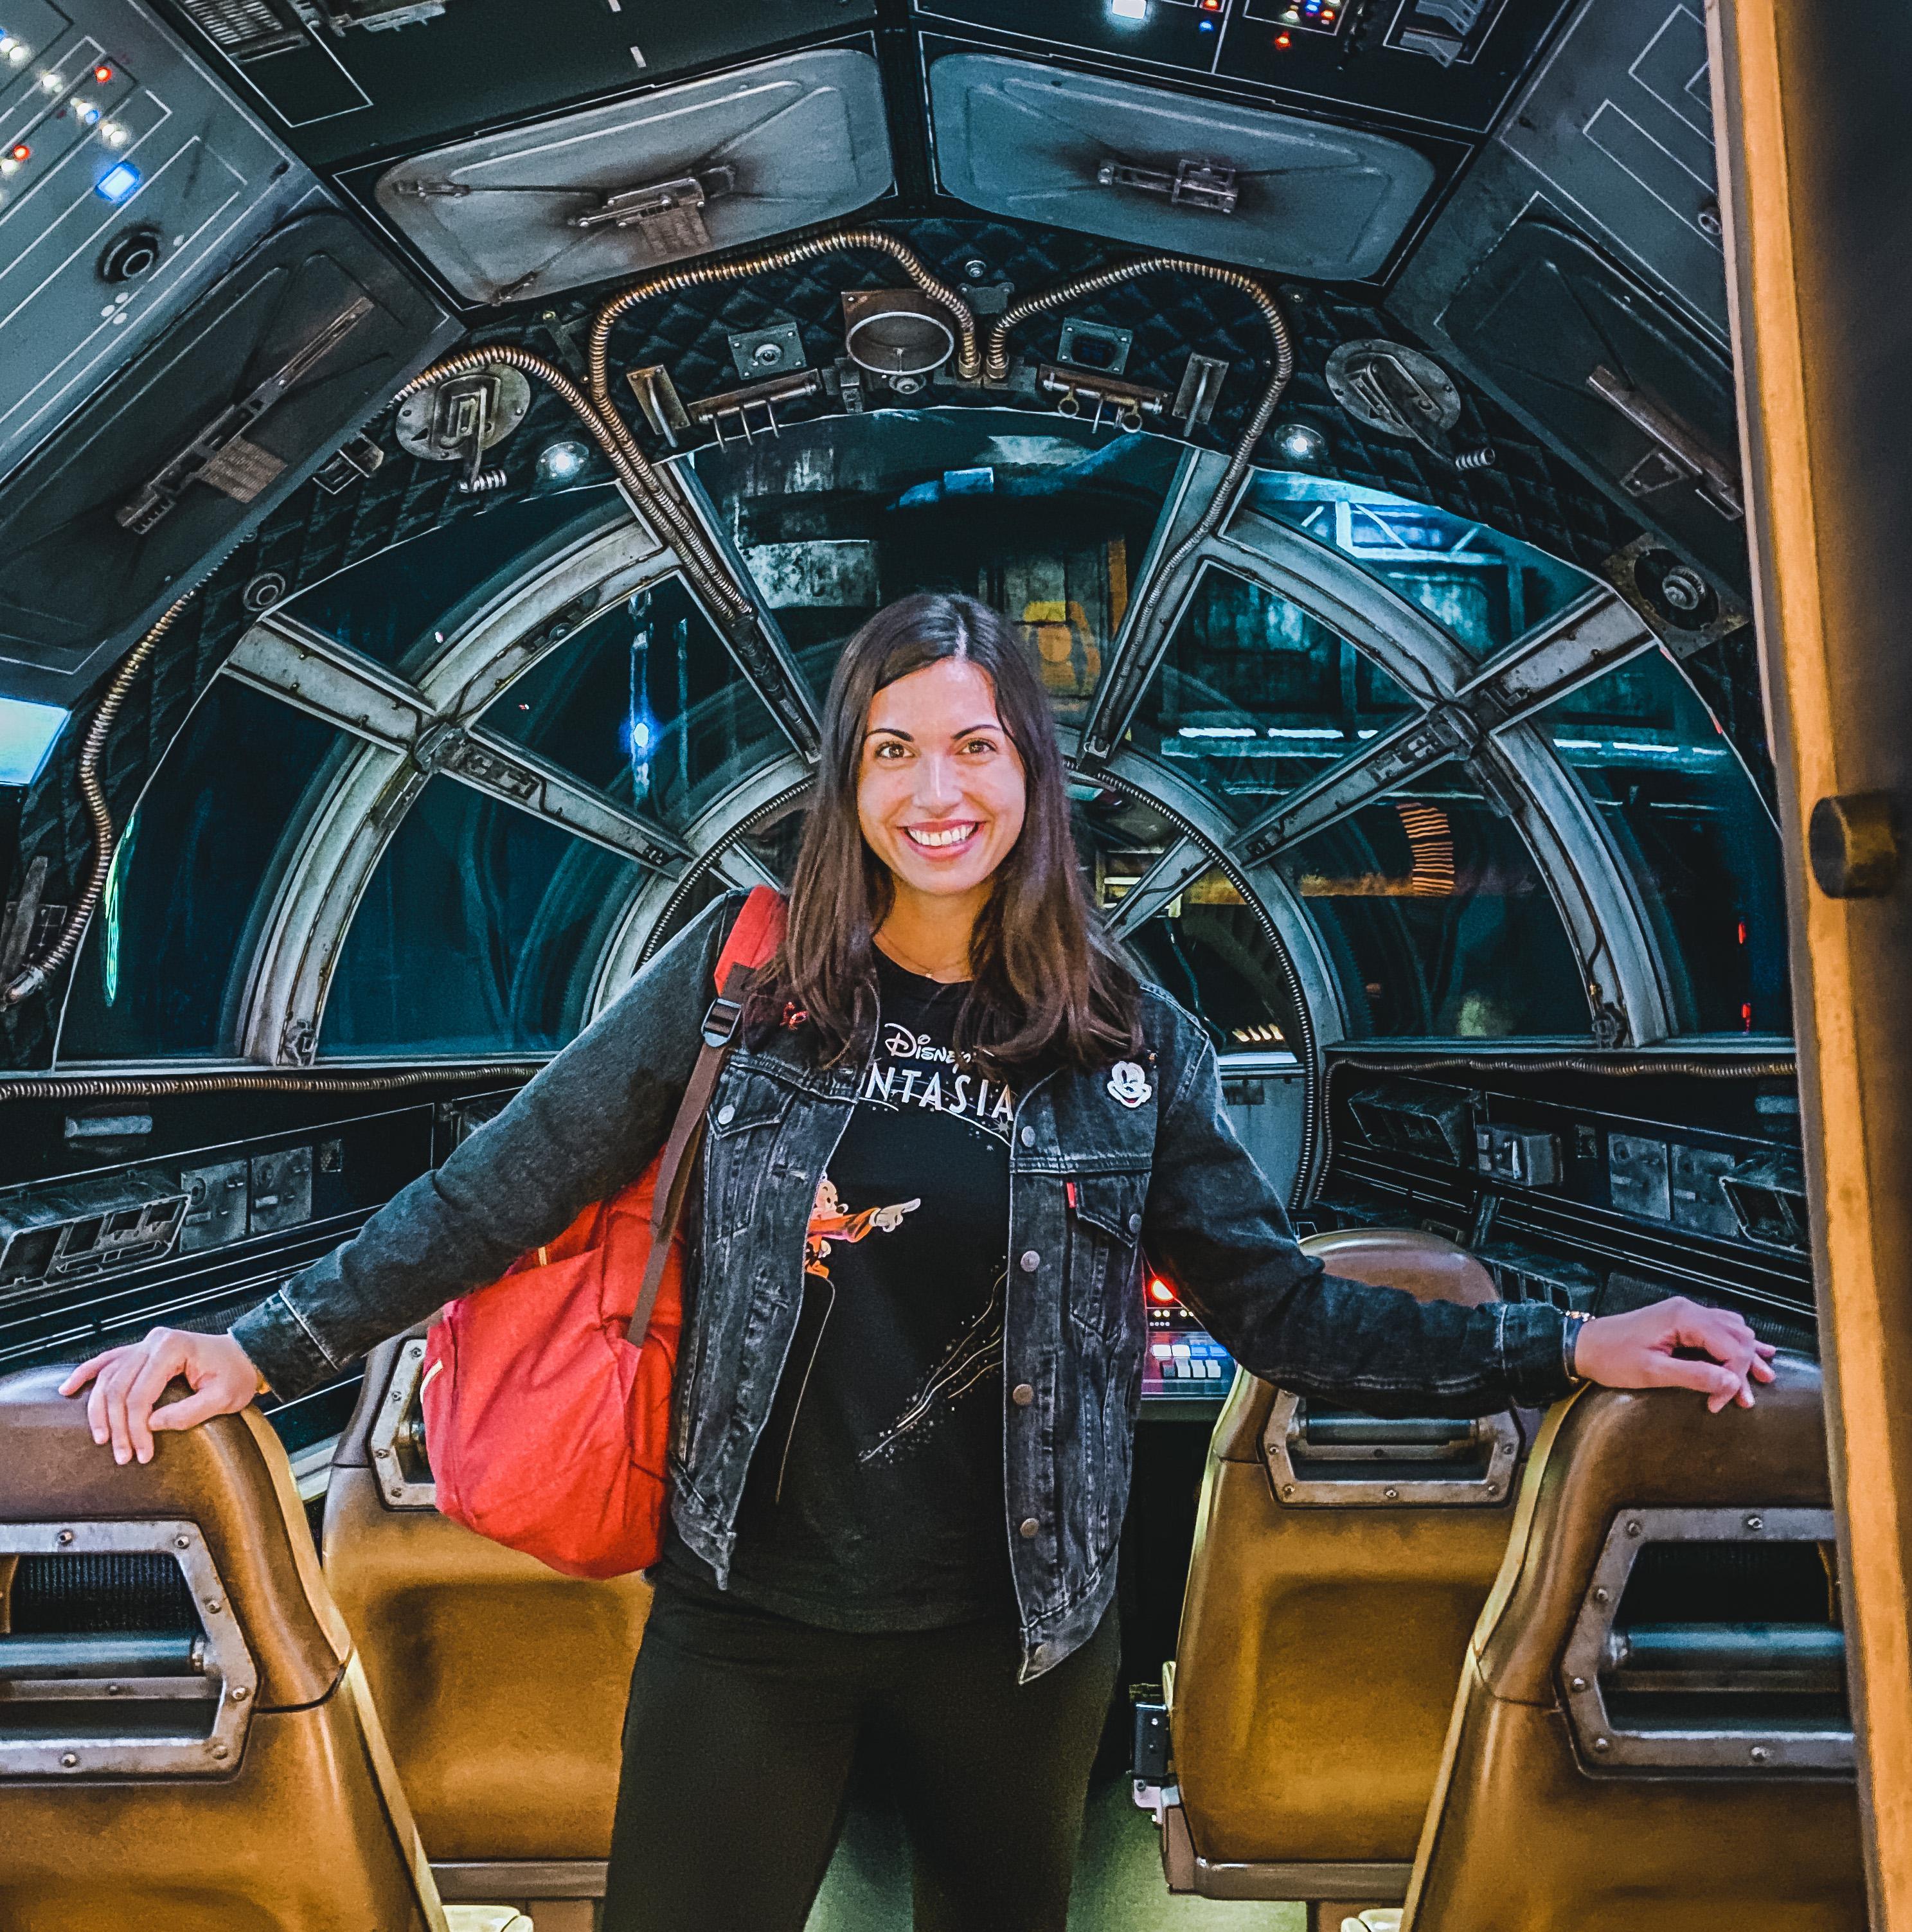 Spinatmädchen - Der Disney Blog: Reise nach Star Wars: Galaxy's Edge in Walt Disney World